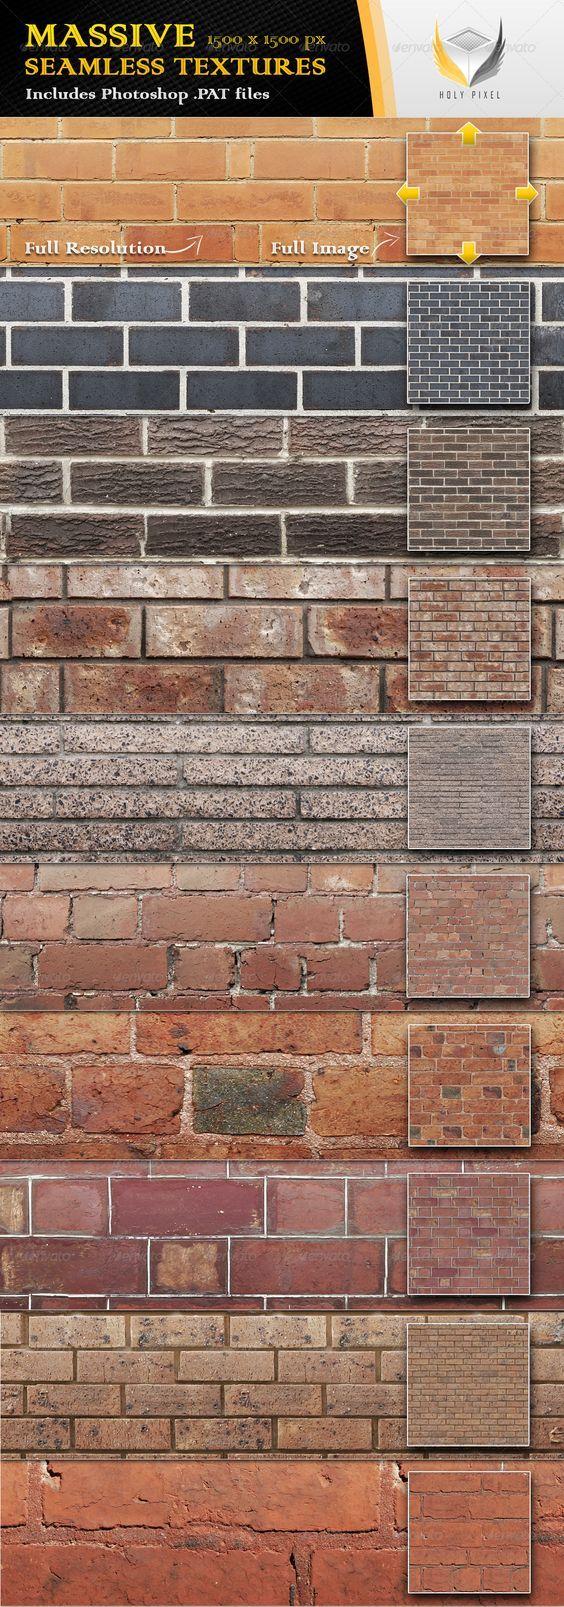 Revestimientos Para Fachadas Materiales Para Fachadas Exteriores Revestimiento Exterior Economico Revestimient Brick Texture Brick Design Cladding Materials